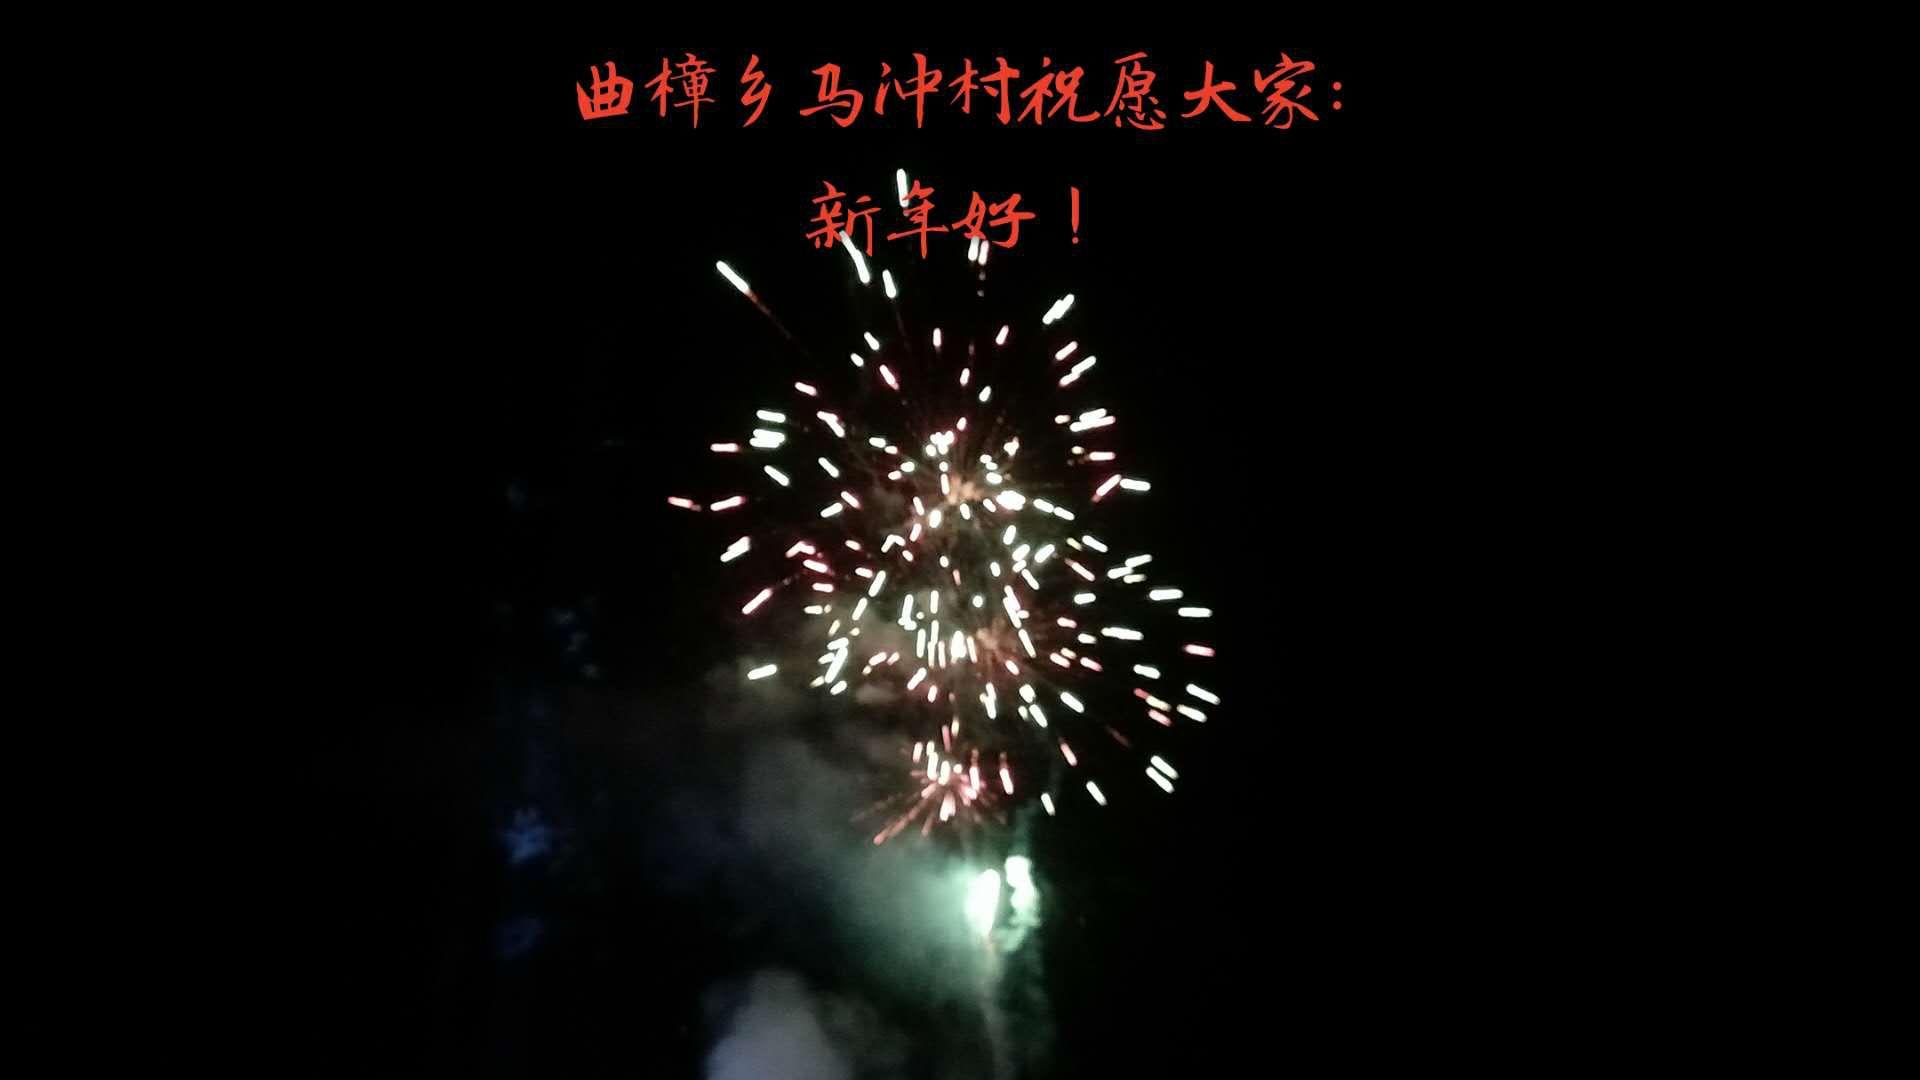 微信图片_20180214014606.jpg